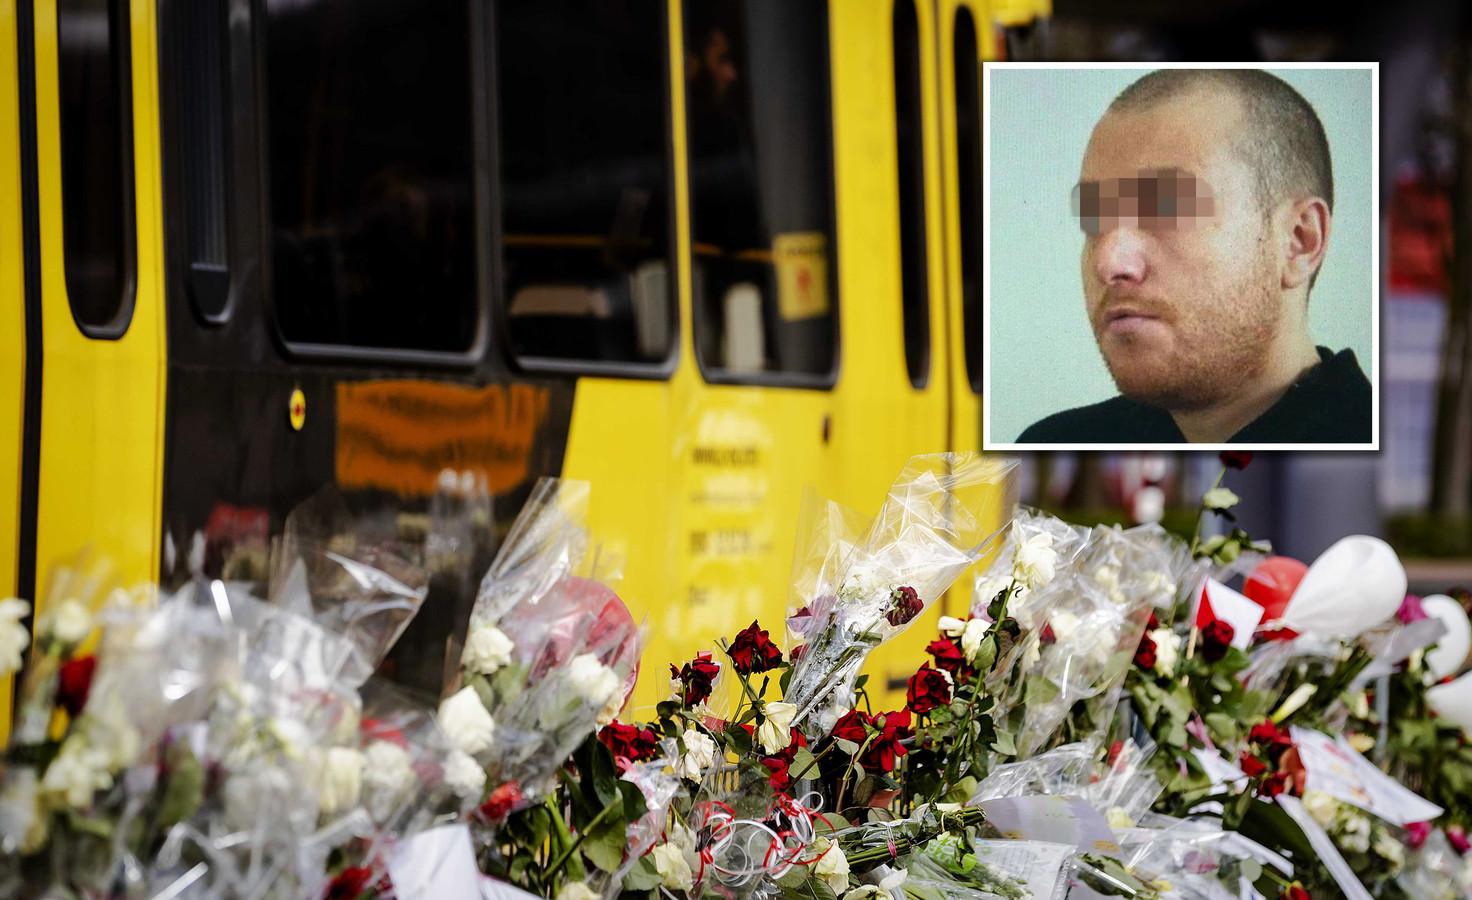 Gokmen Tanis opende het vuur in een tram, waar vier doden vielen.